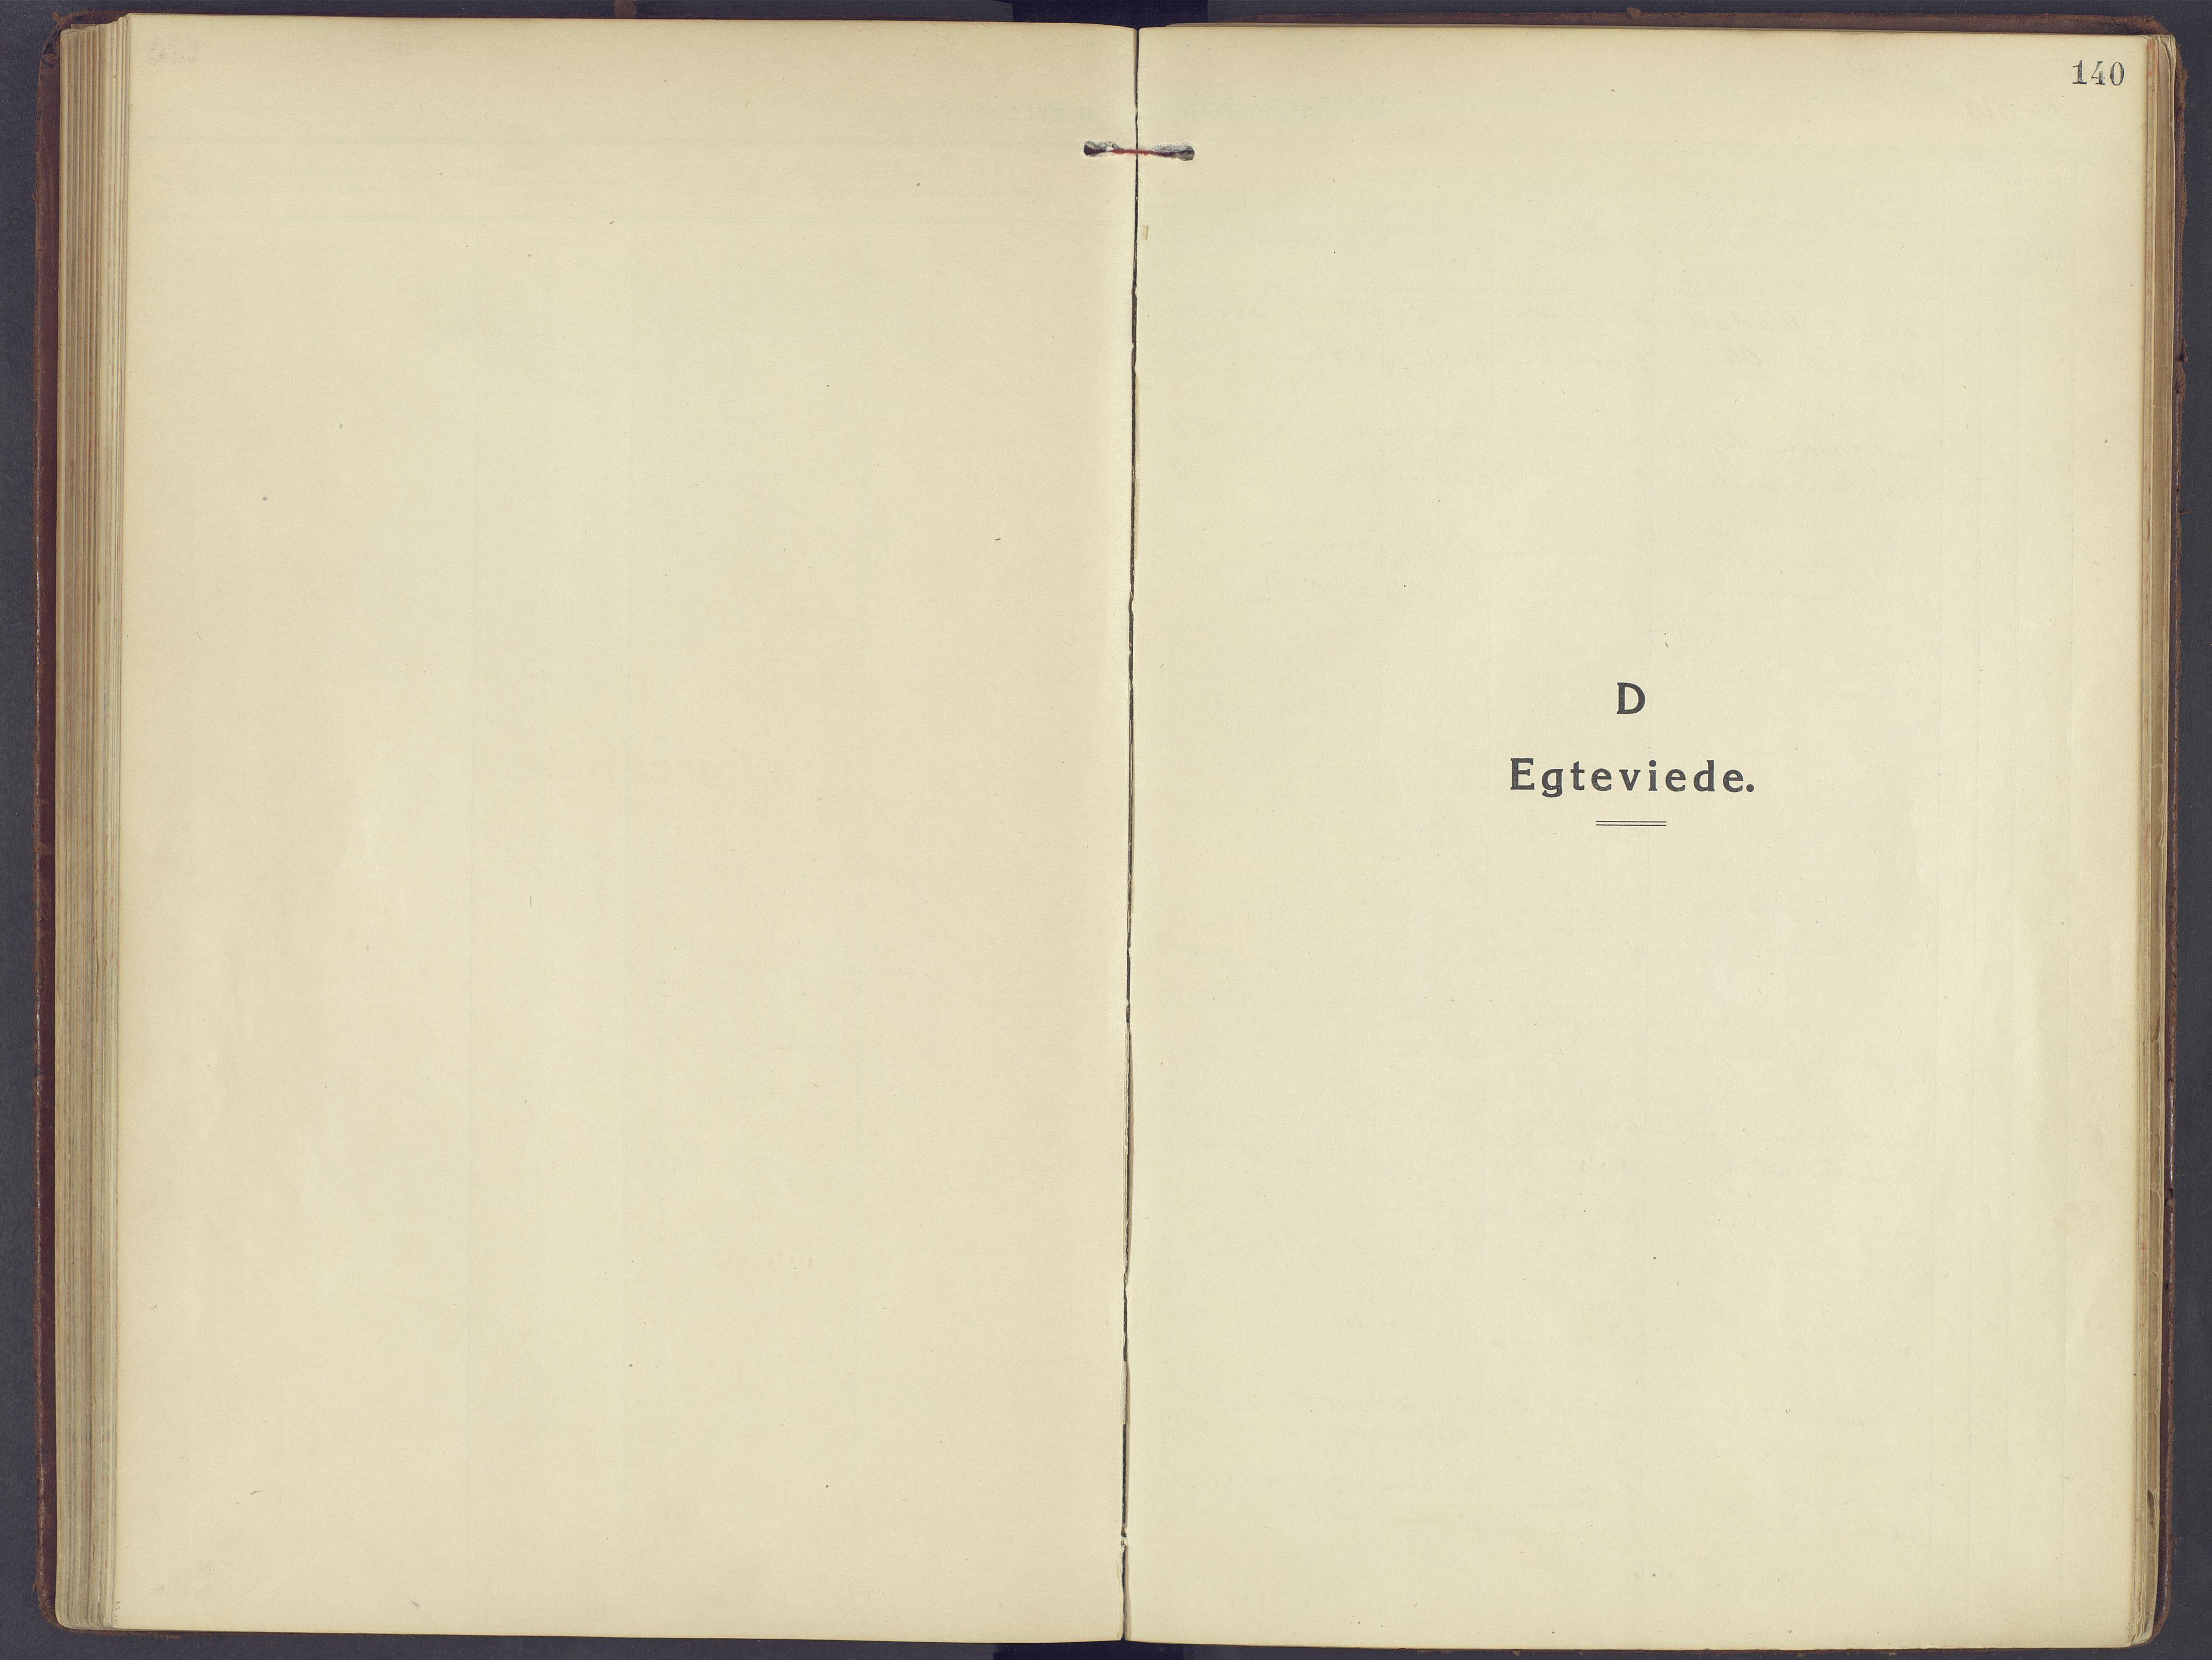 SAH, Sør-Fron prestekontor, H/Ha/Haa/L0005: Ministerialbok nr. 5, 1920-1933, s. 140